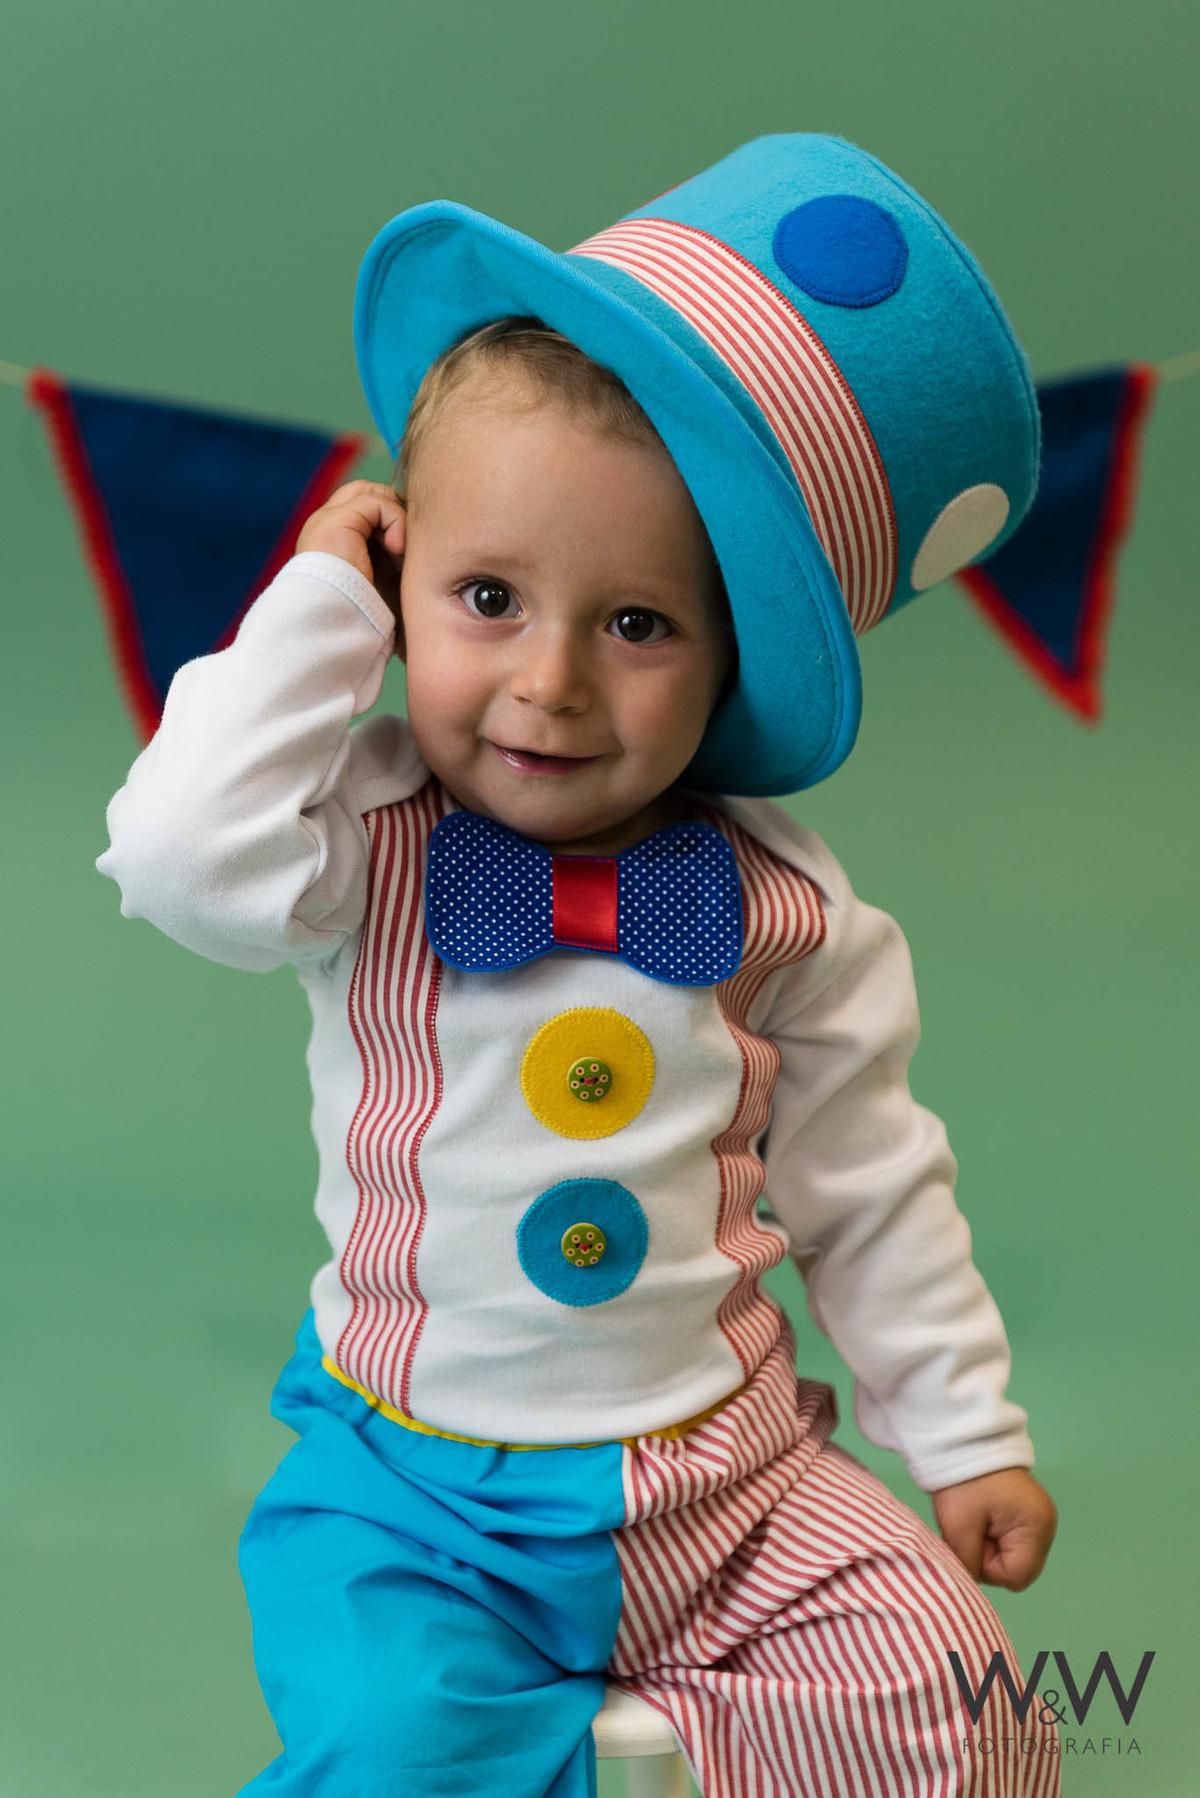 ensaio acompanhamento palhaço menino 9 meses ricardo estúdio wewfoto são paulo sp